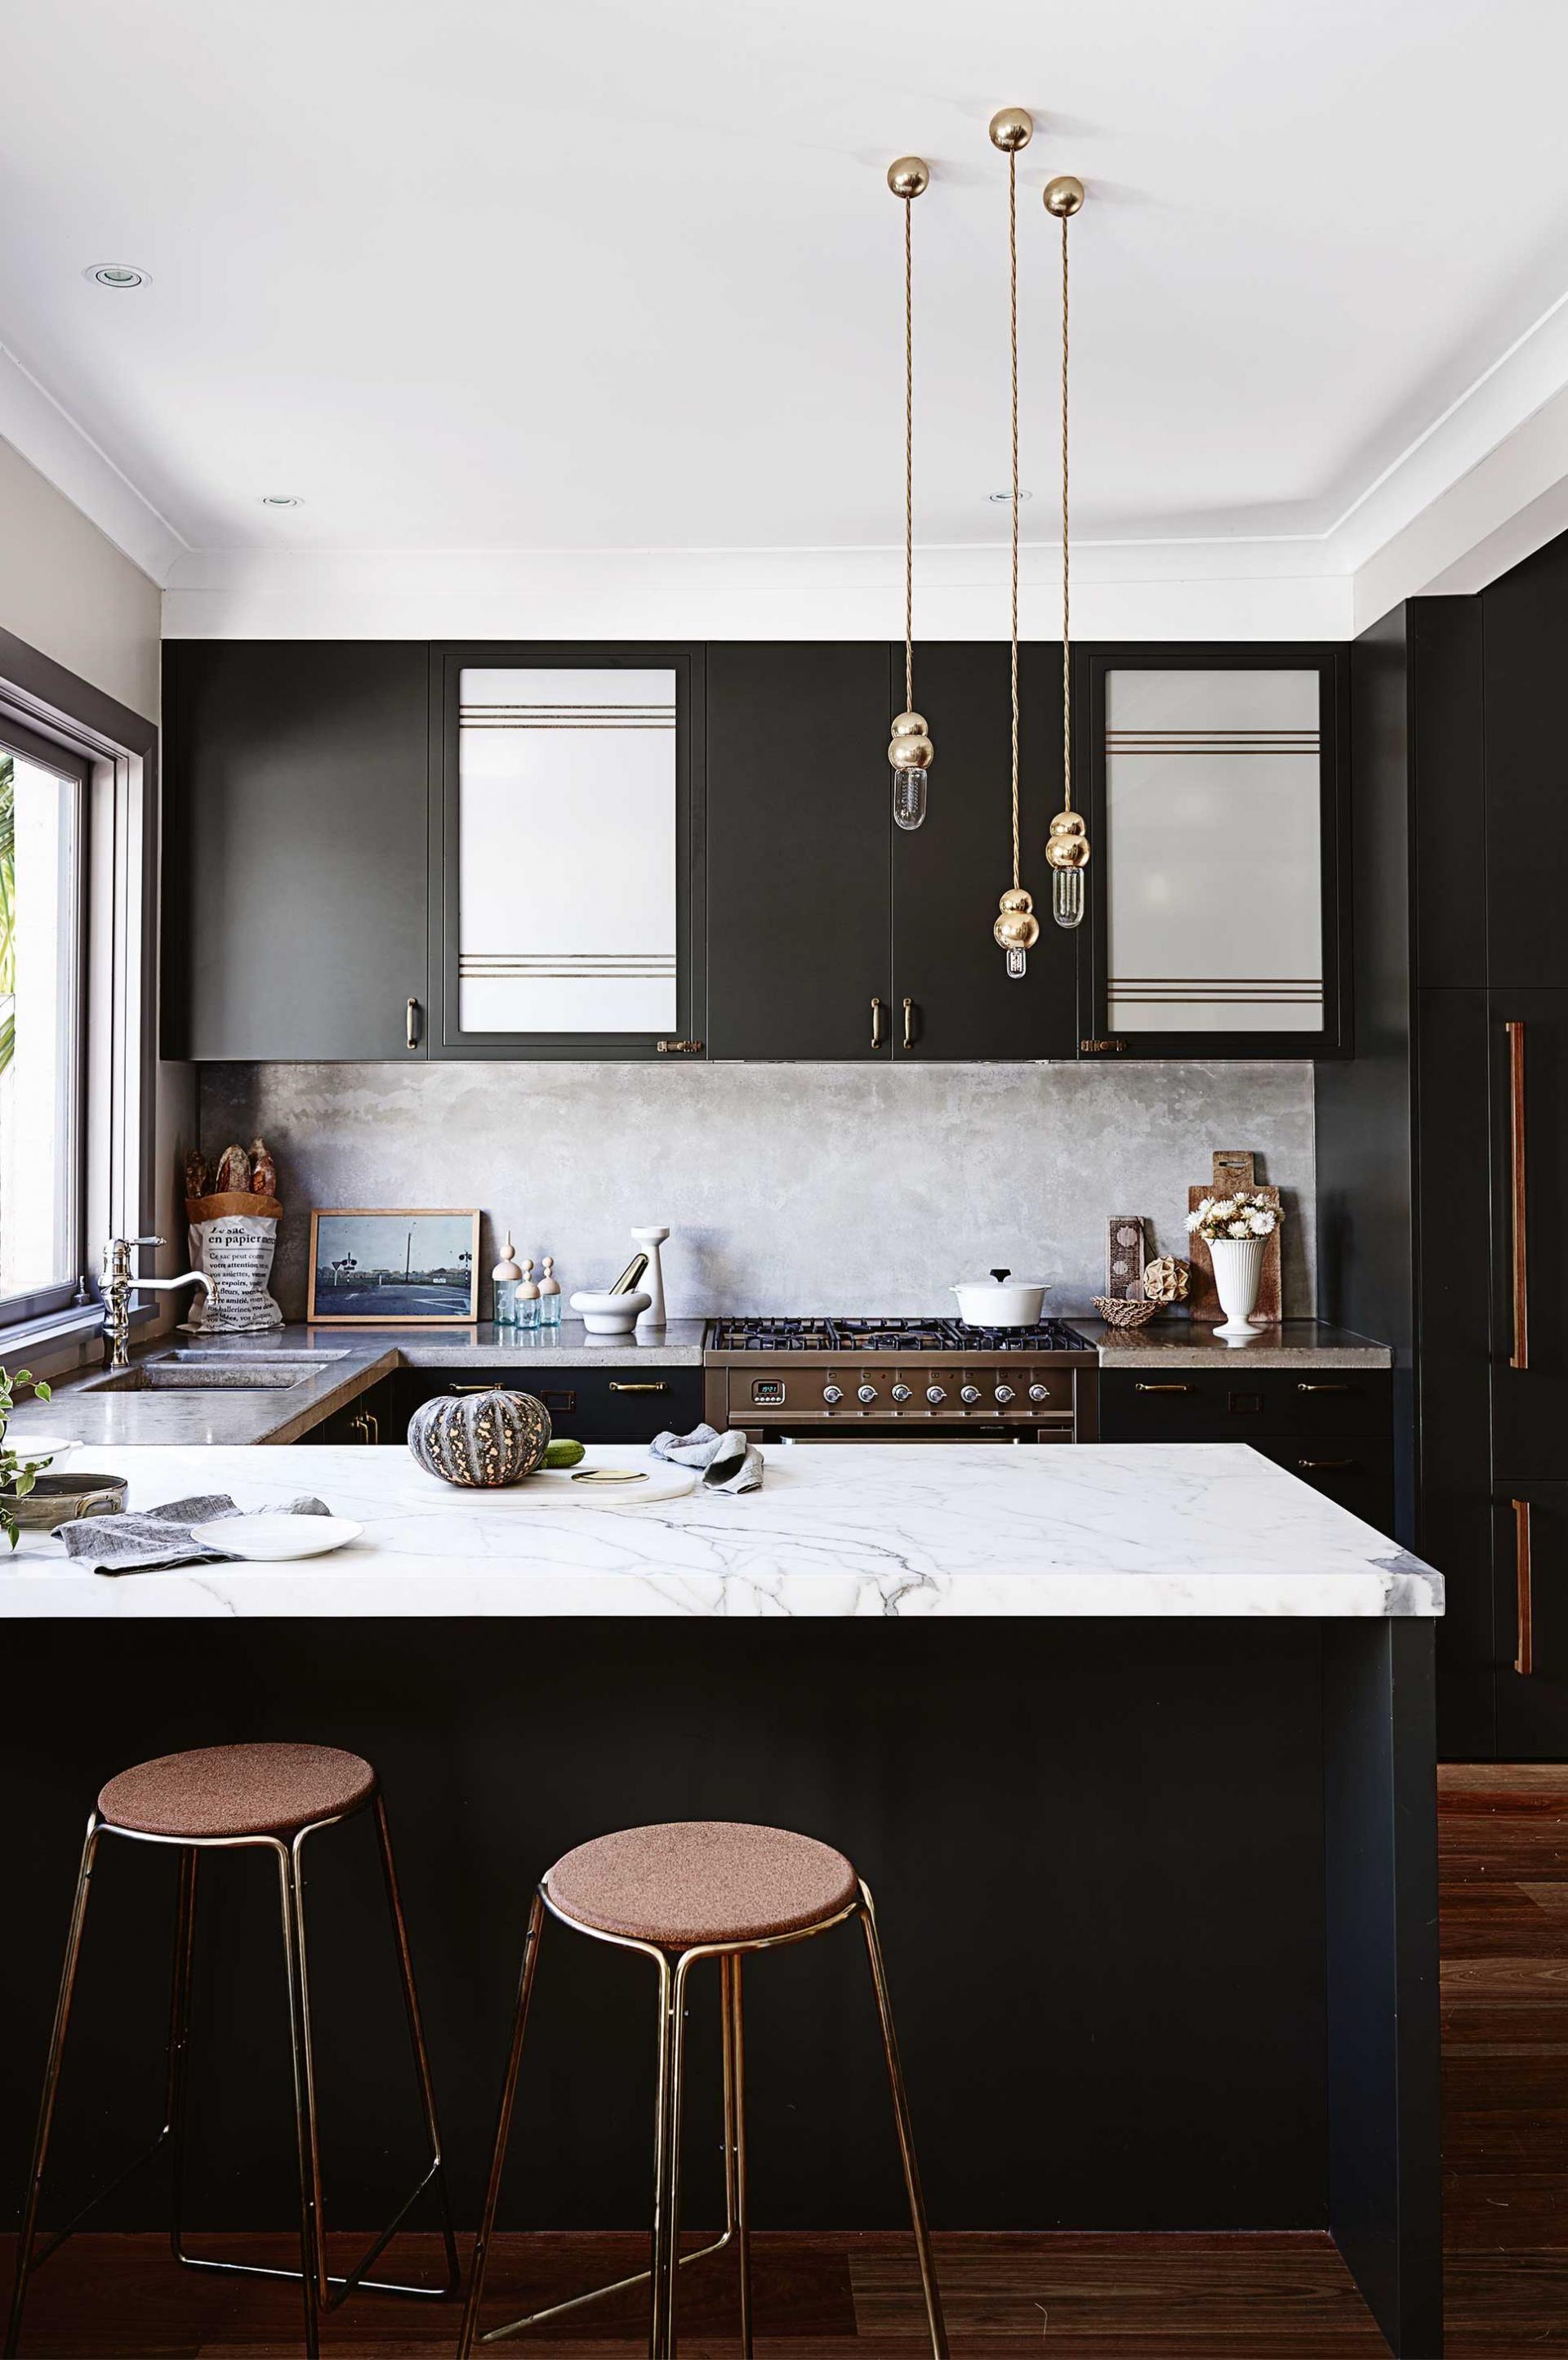 Modern kitchen designs The best kitchen ideas